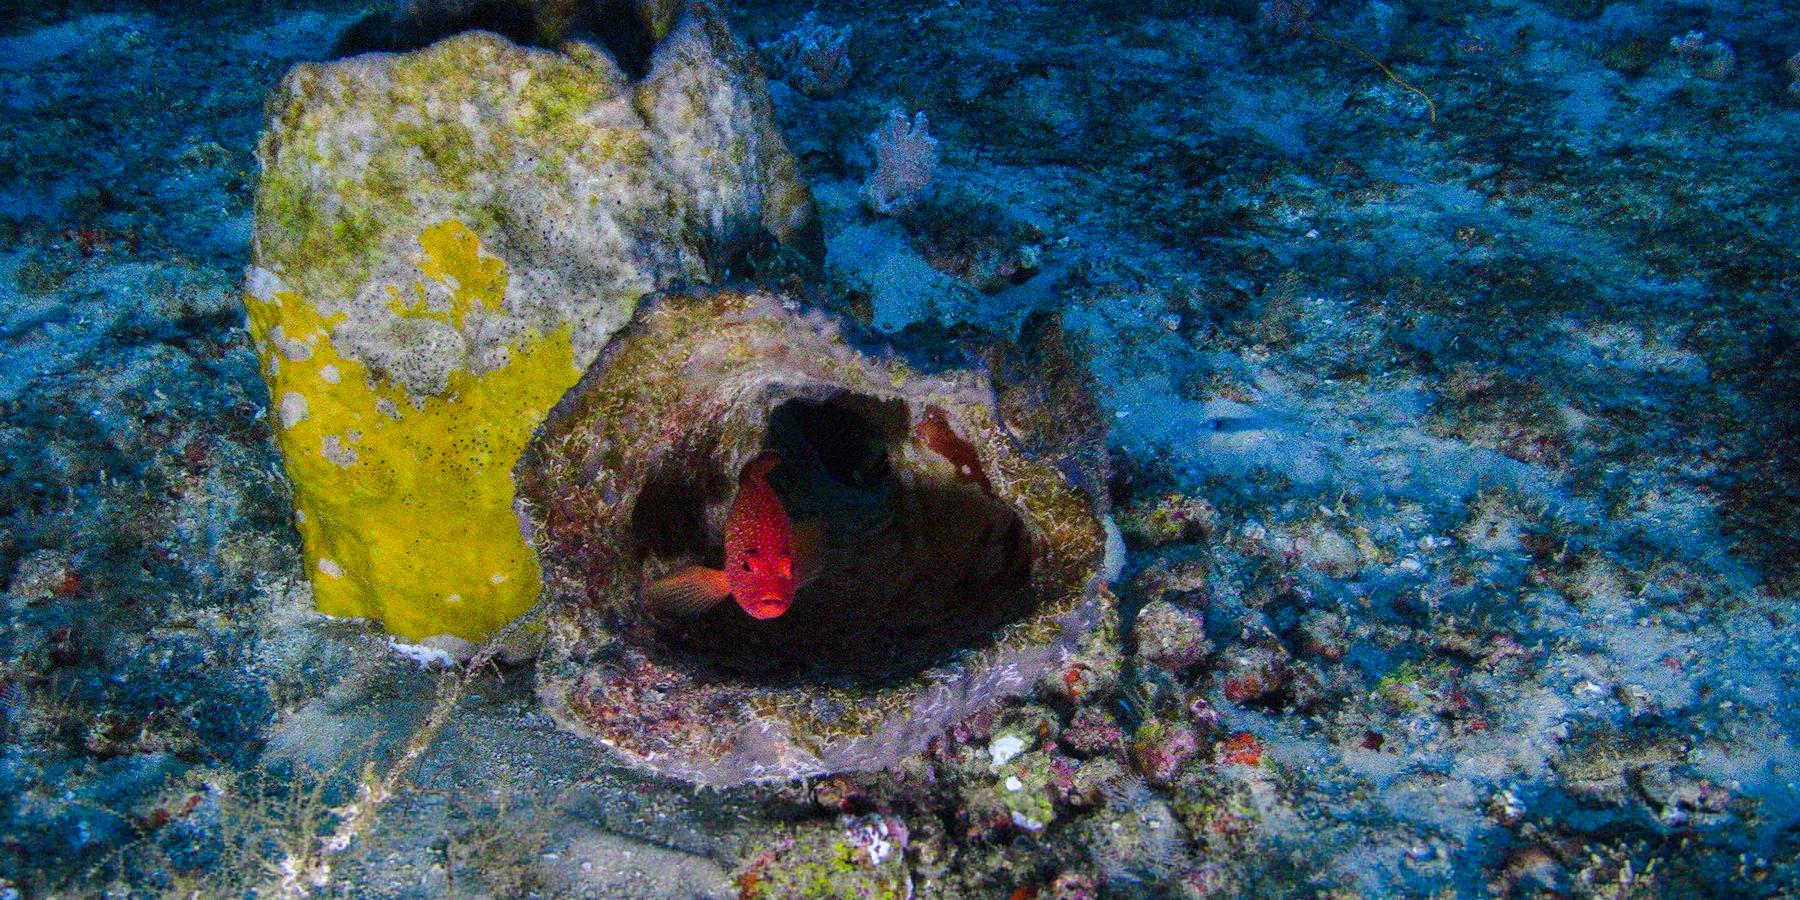 recif corallien amazone copyright greenpeace - Un mystérieux récif corallien découvert au large de l'Amazone !